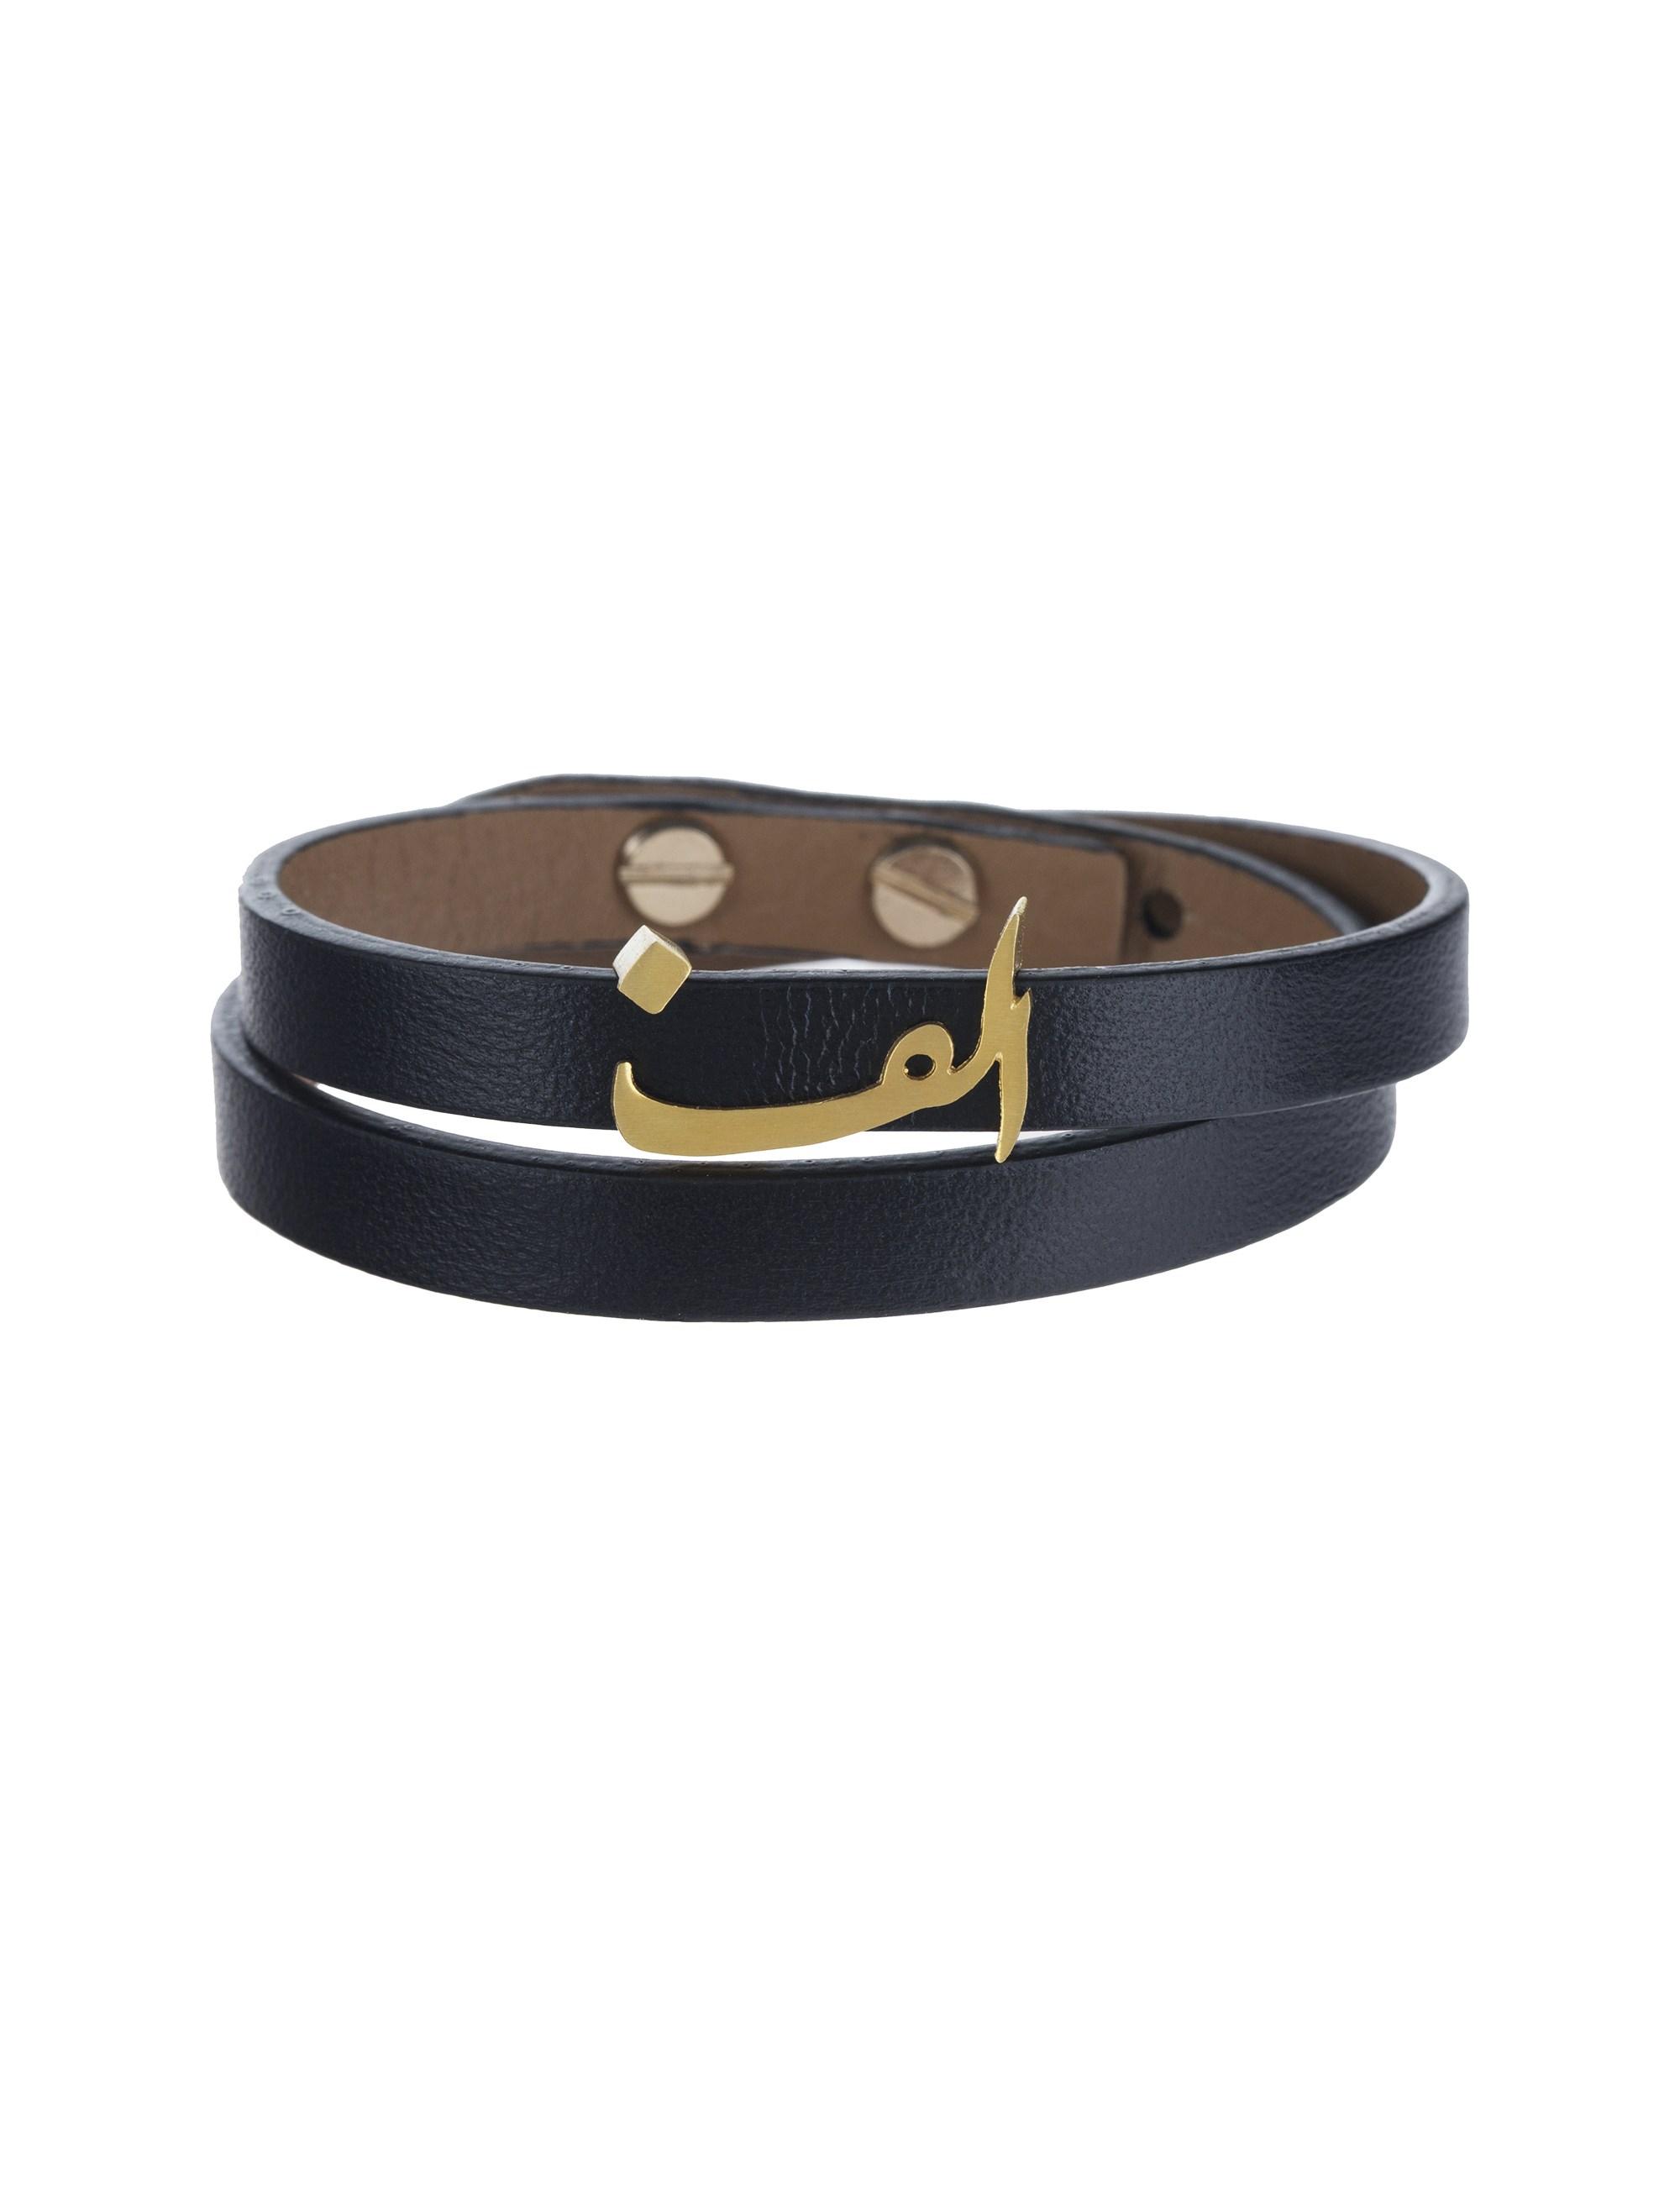 دستبند طلا زنانه - درسا -  - 1